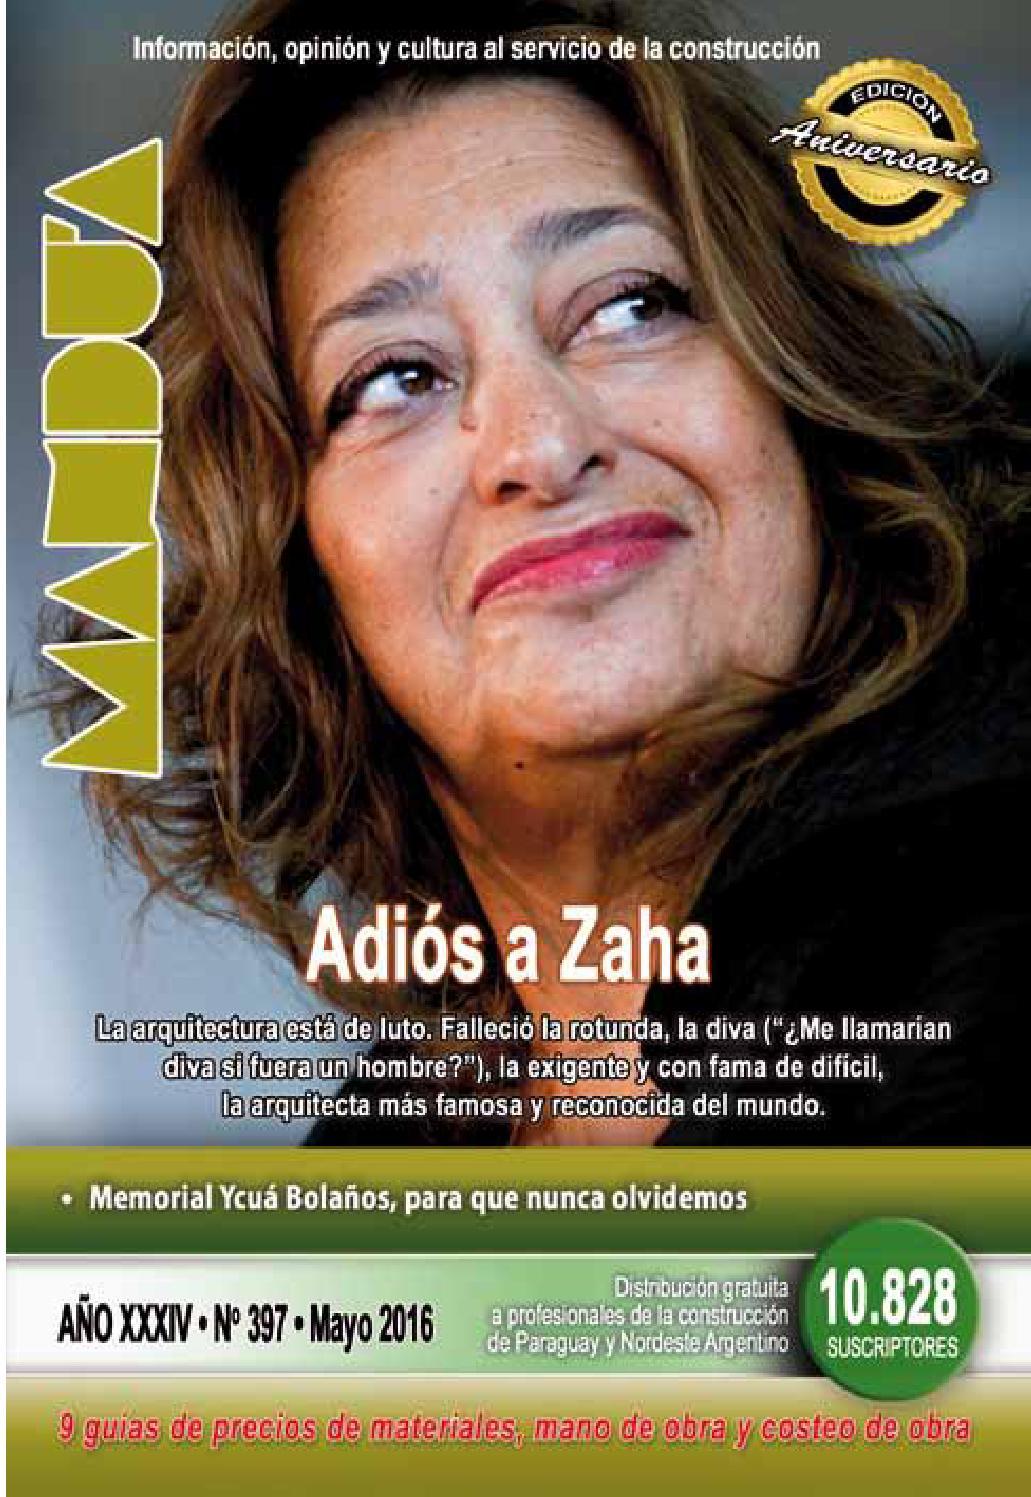 Revista Mandu\'a - #397 - Mayo 2016 by Revista Mandu\'a - issuu